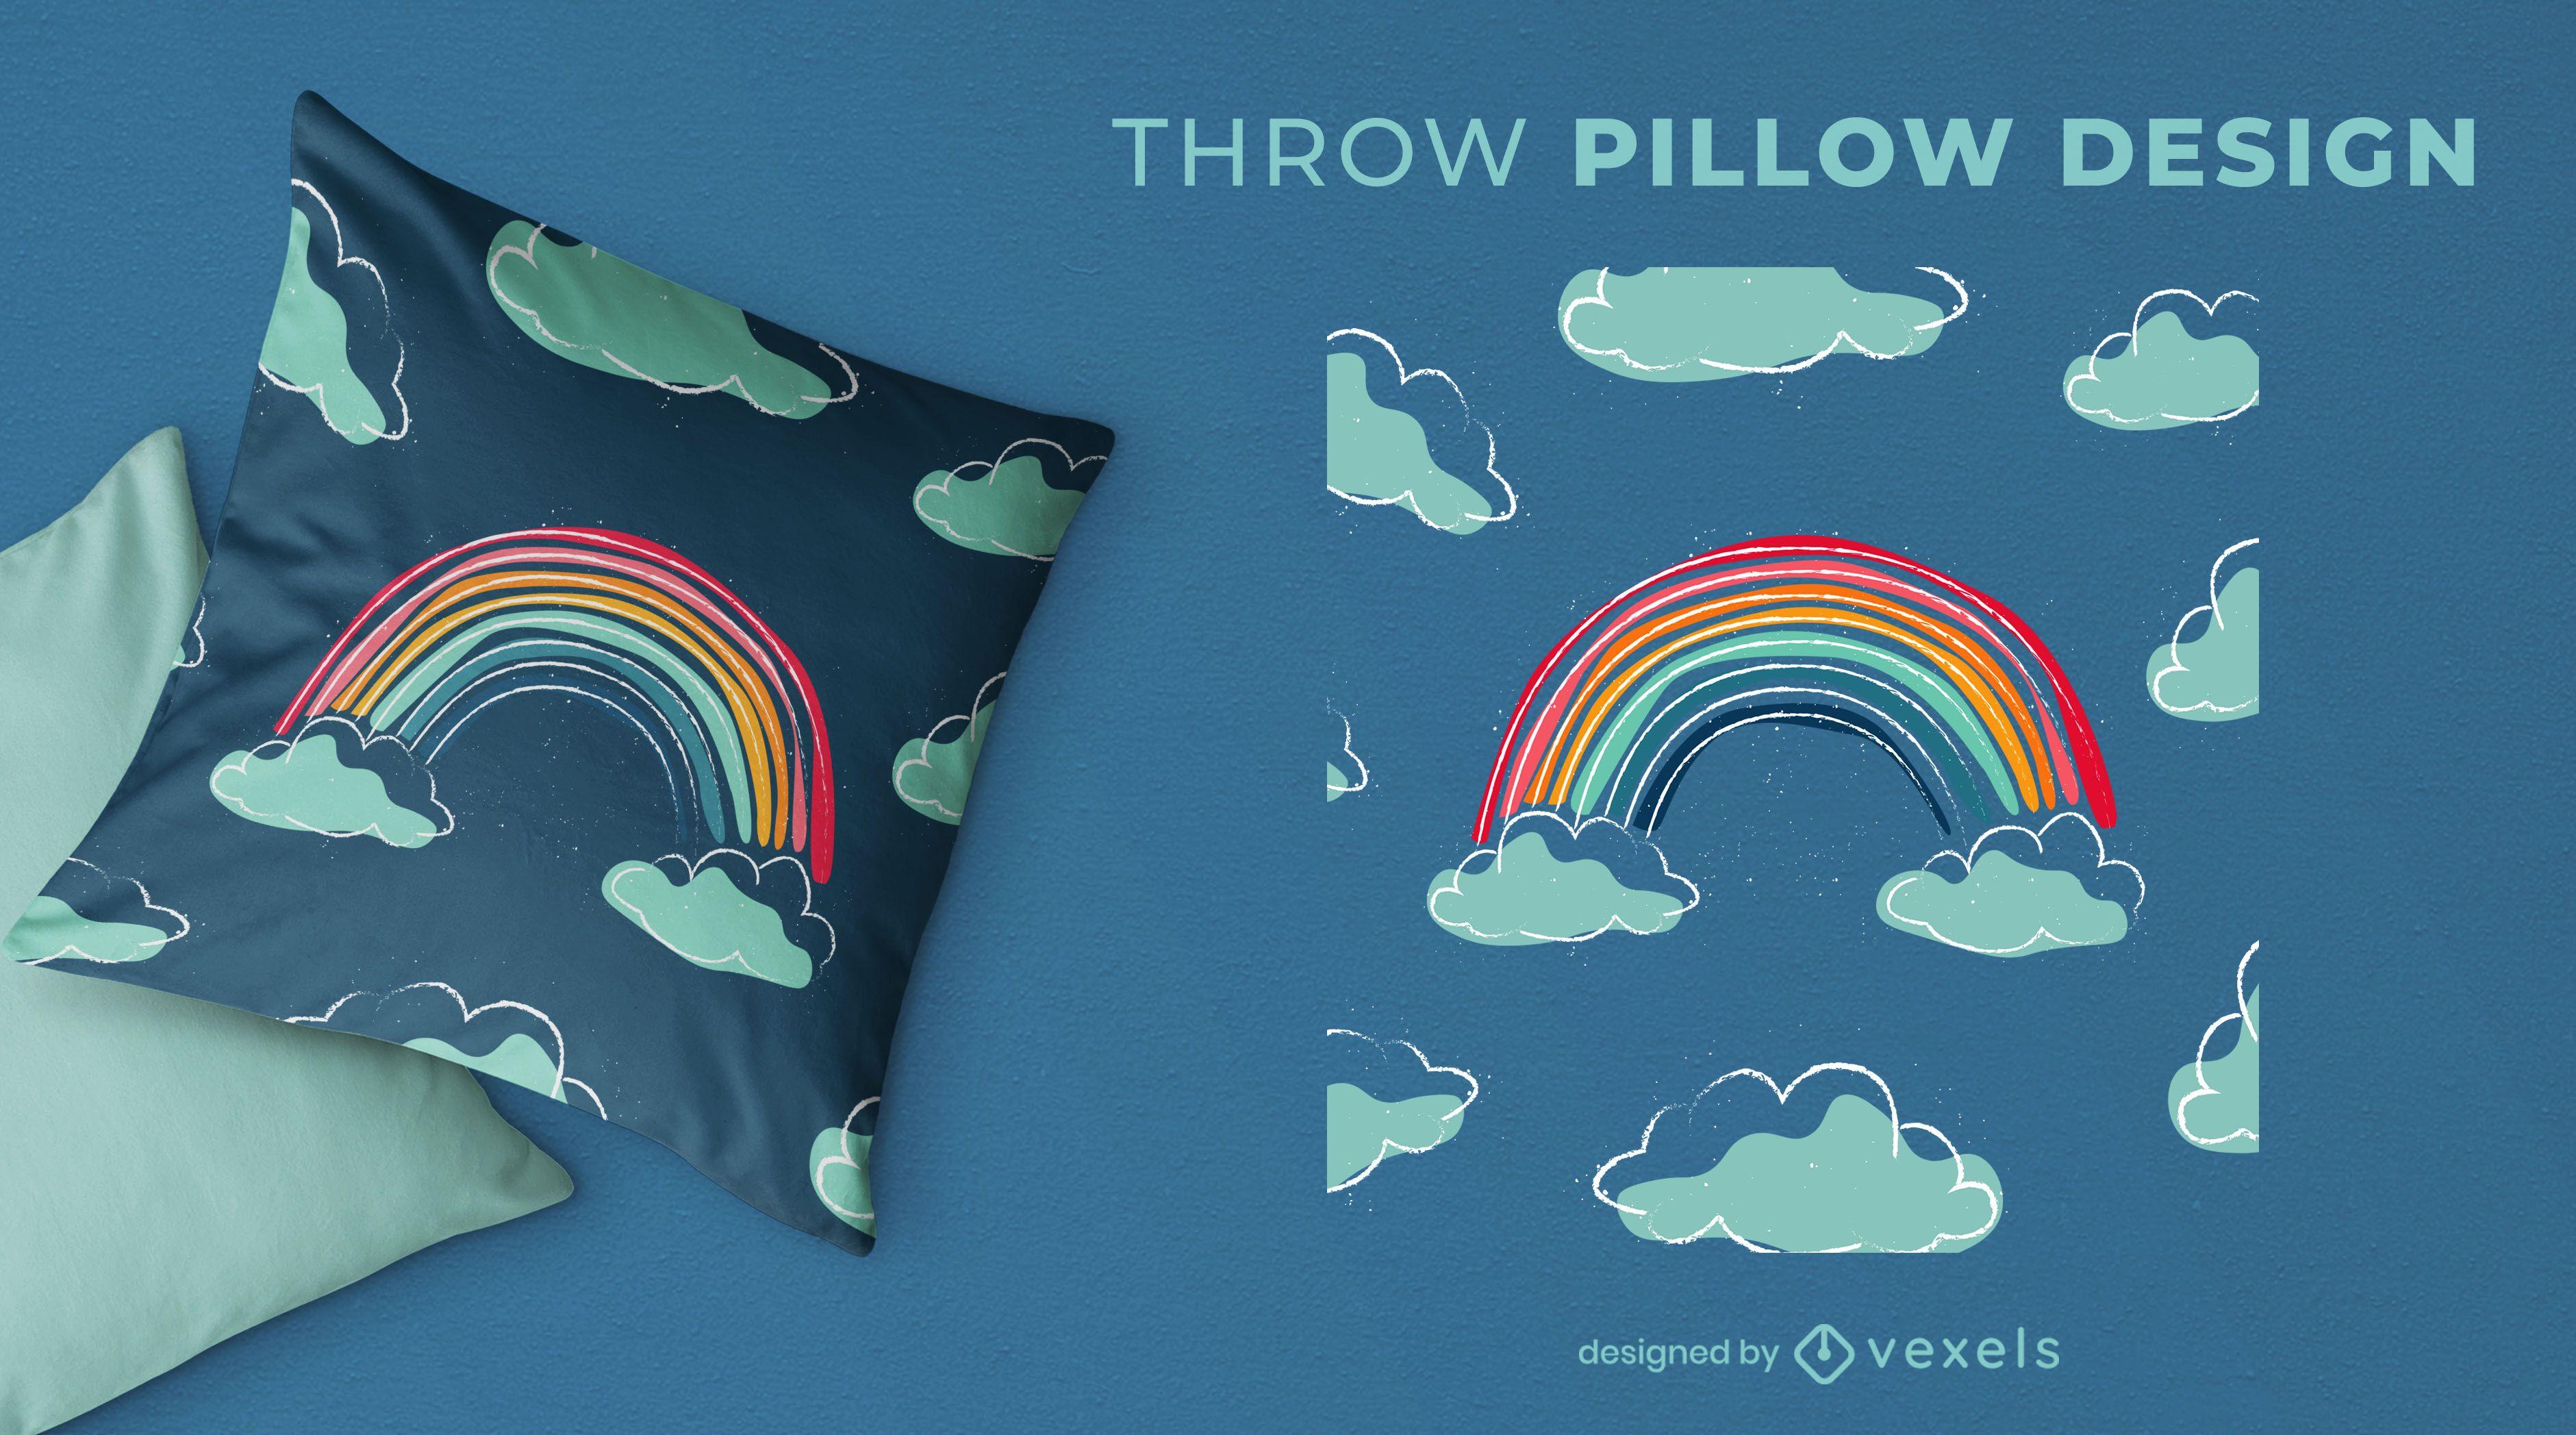 Diseño de almohada de tiro arco iris dibujado a mano